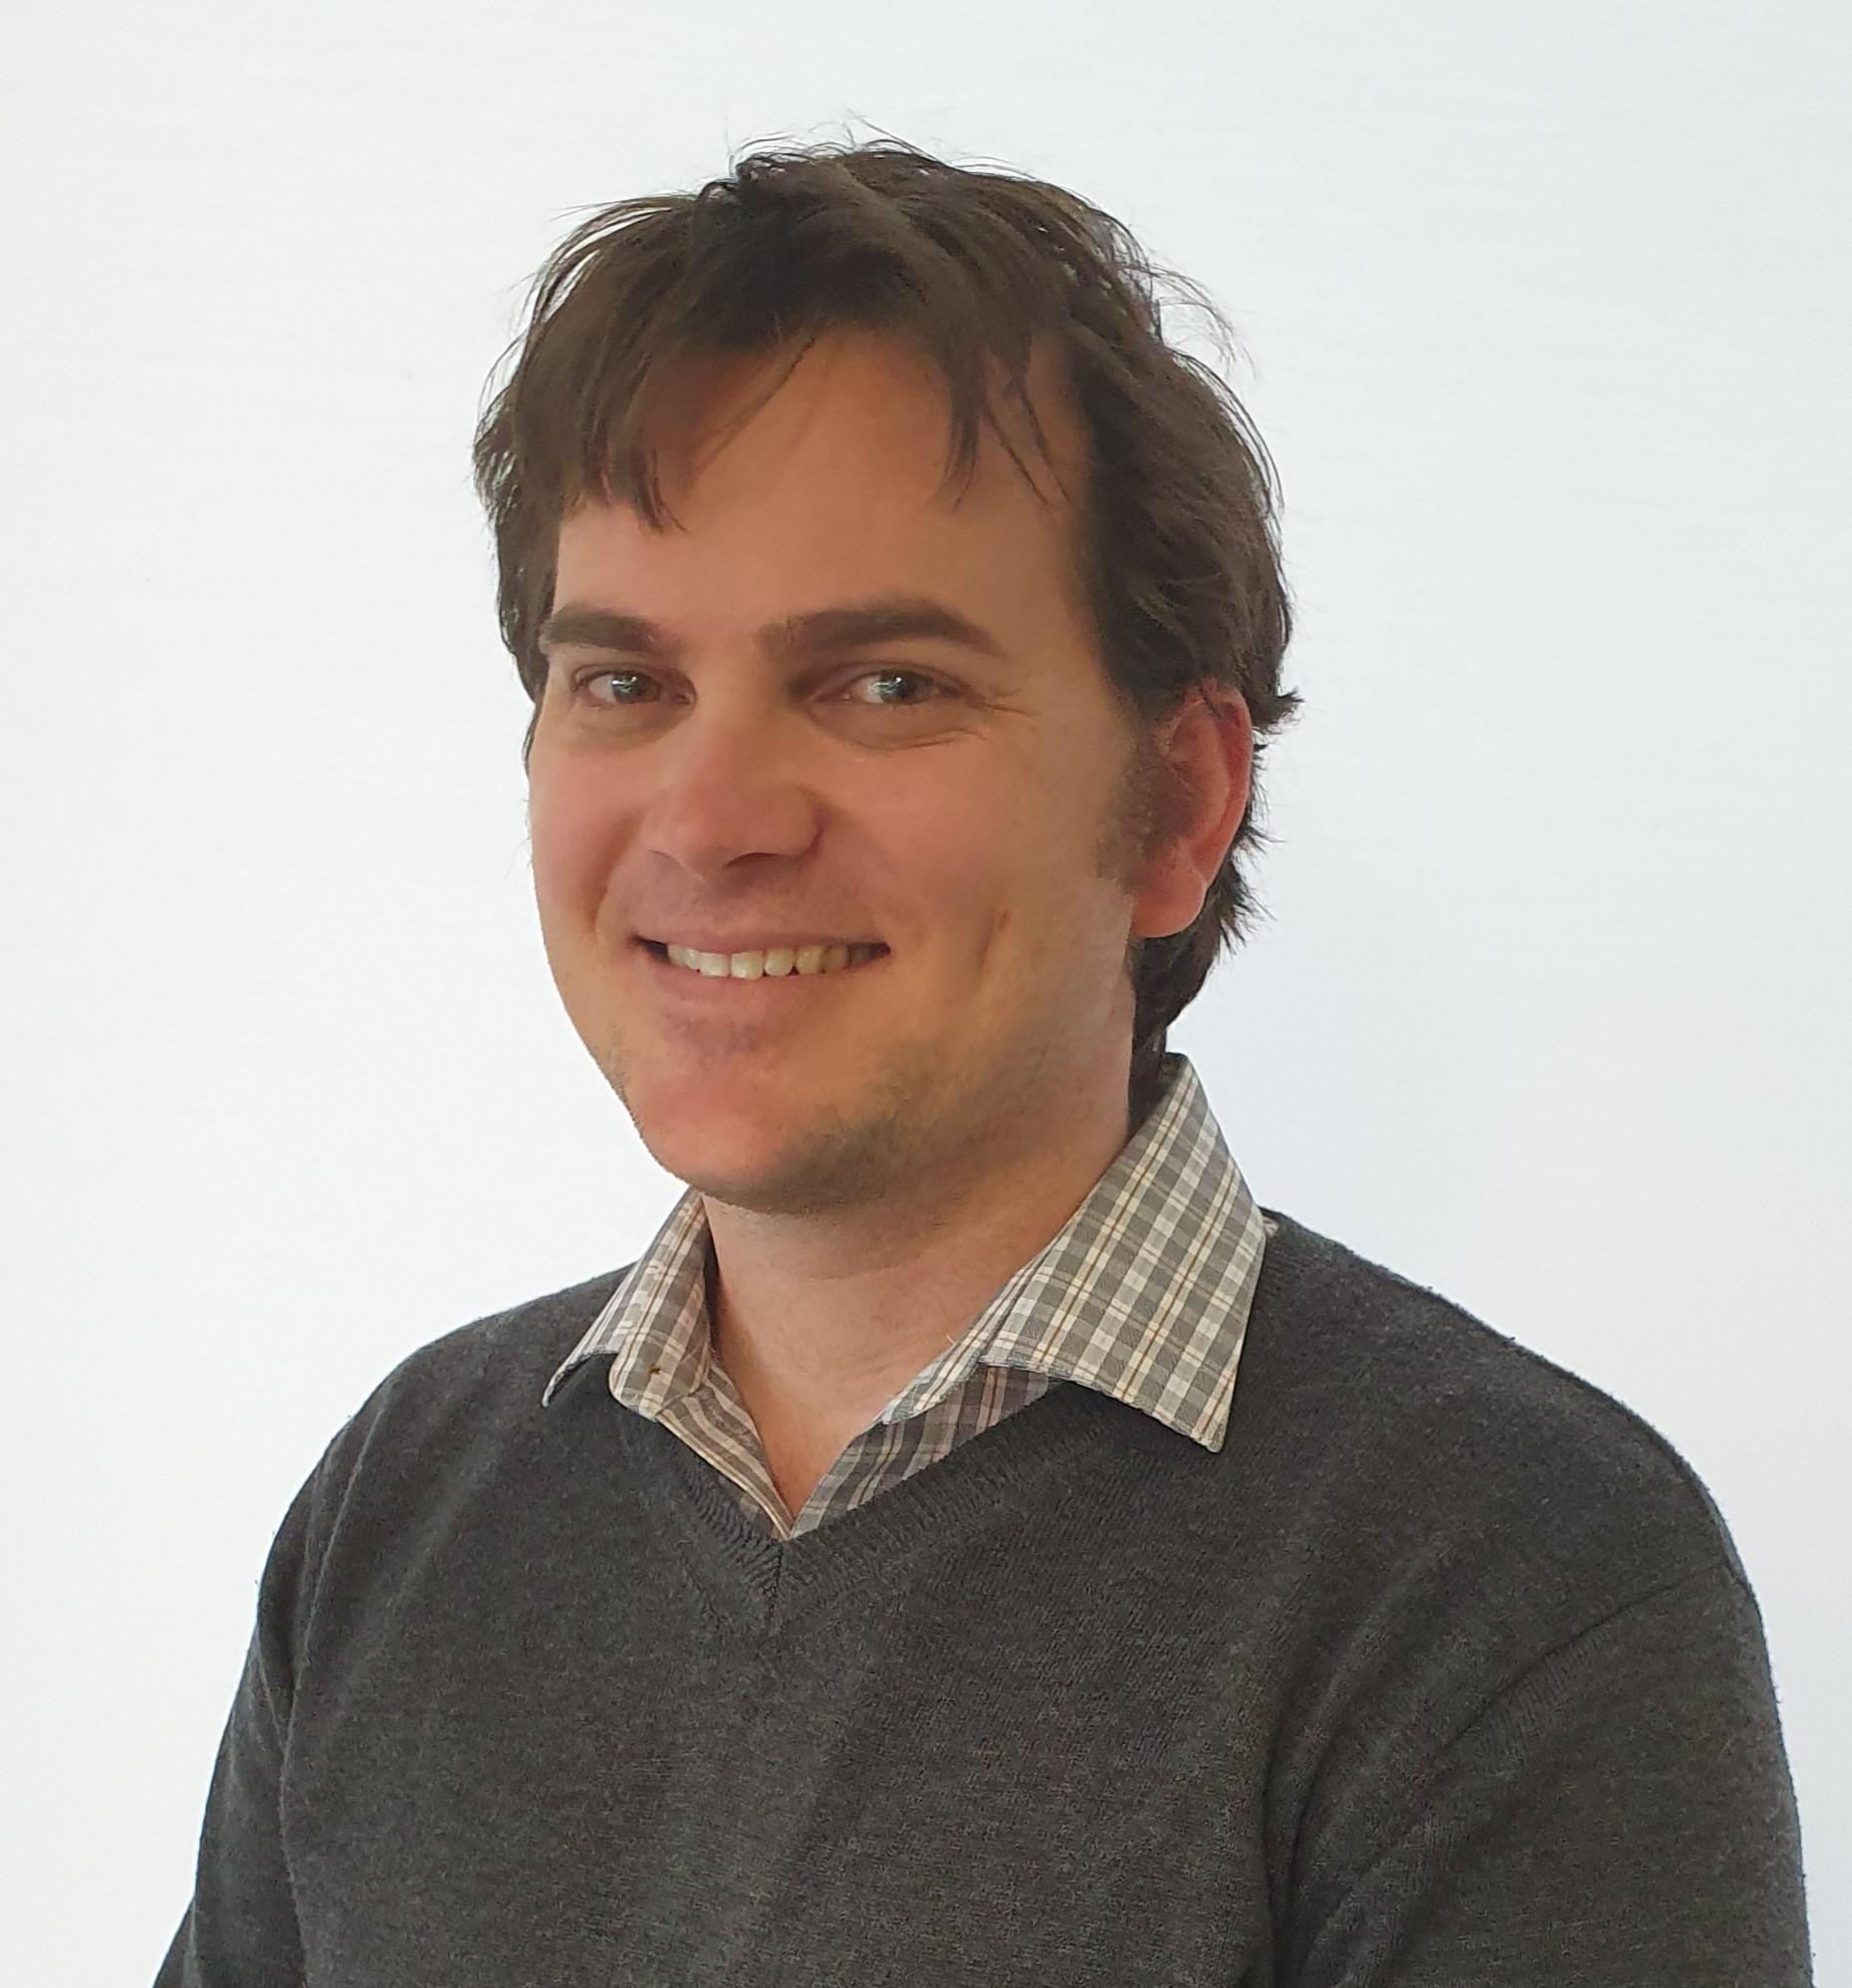 Derek Atkinson